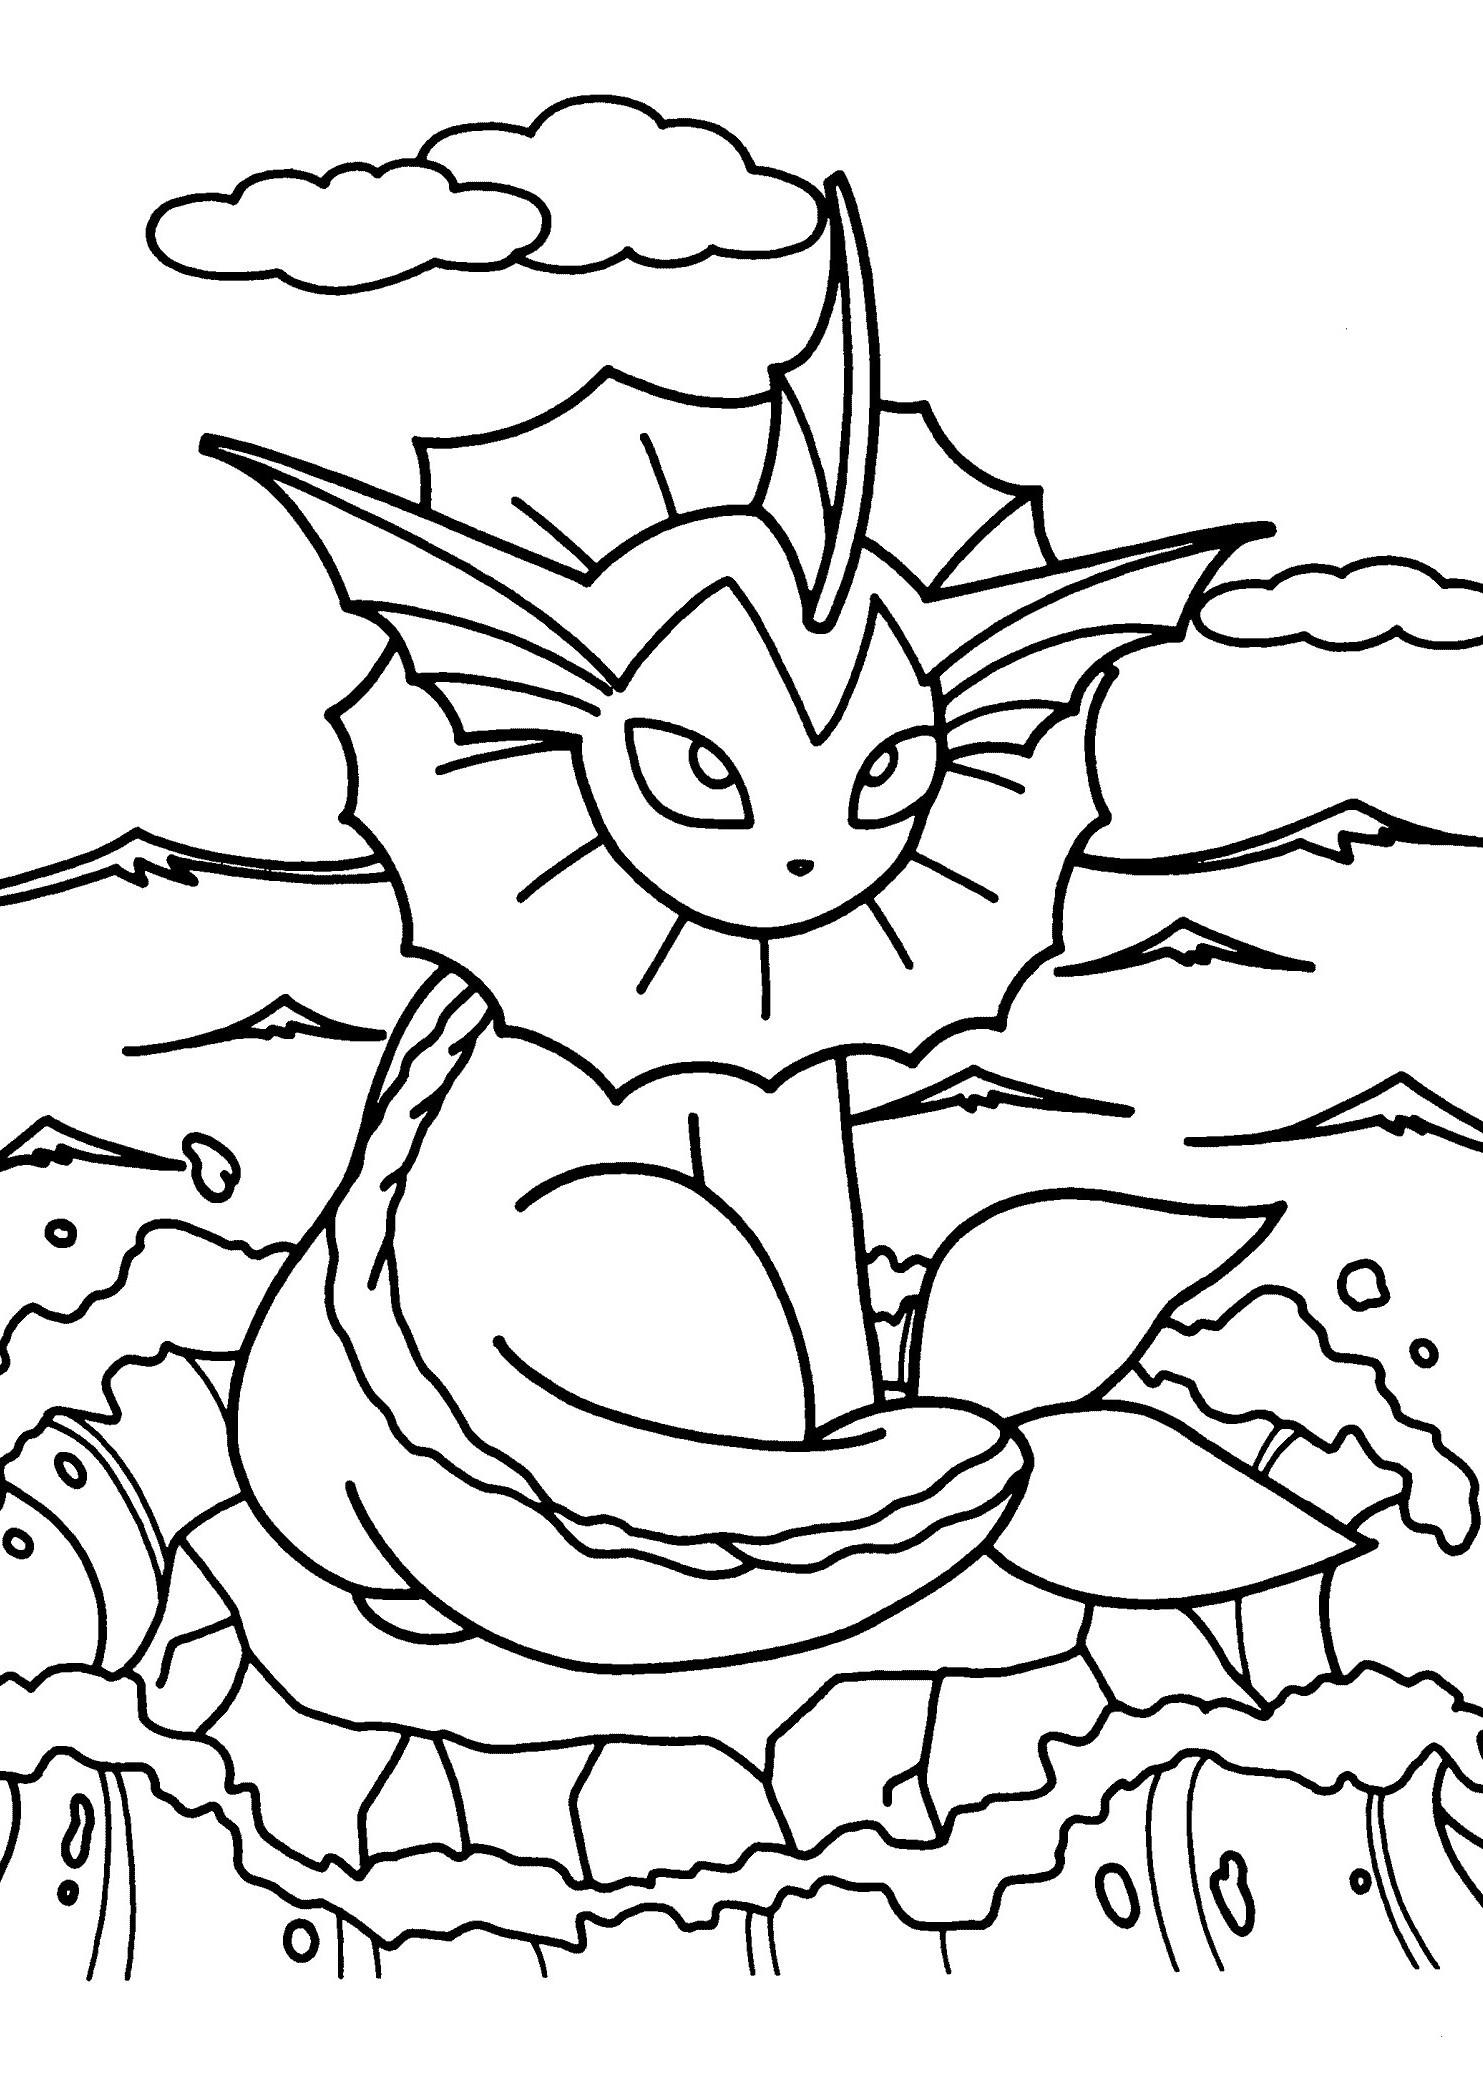 Pokemon Ausmalbilder Kostenlos Das Beste Von 37 Fantastisch Pokemon Ausmalbilder Kostenlos – Große Coloring Page Stock